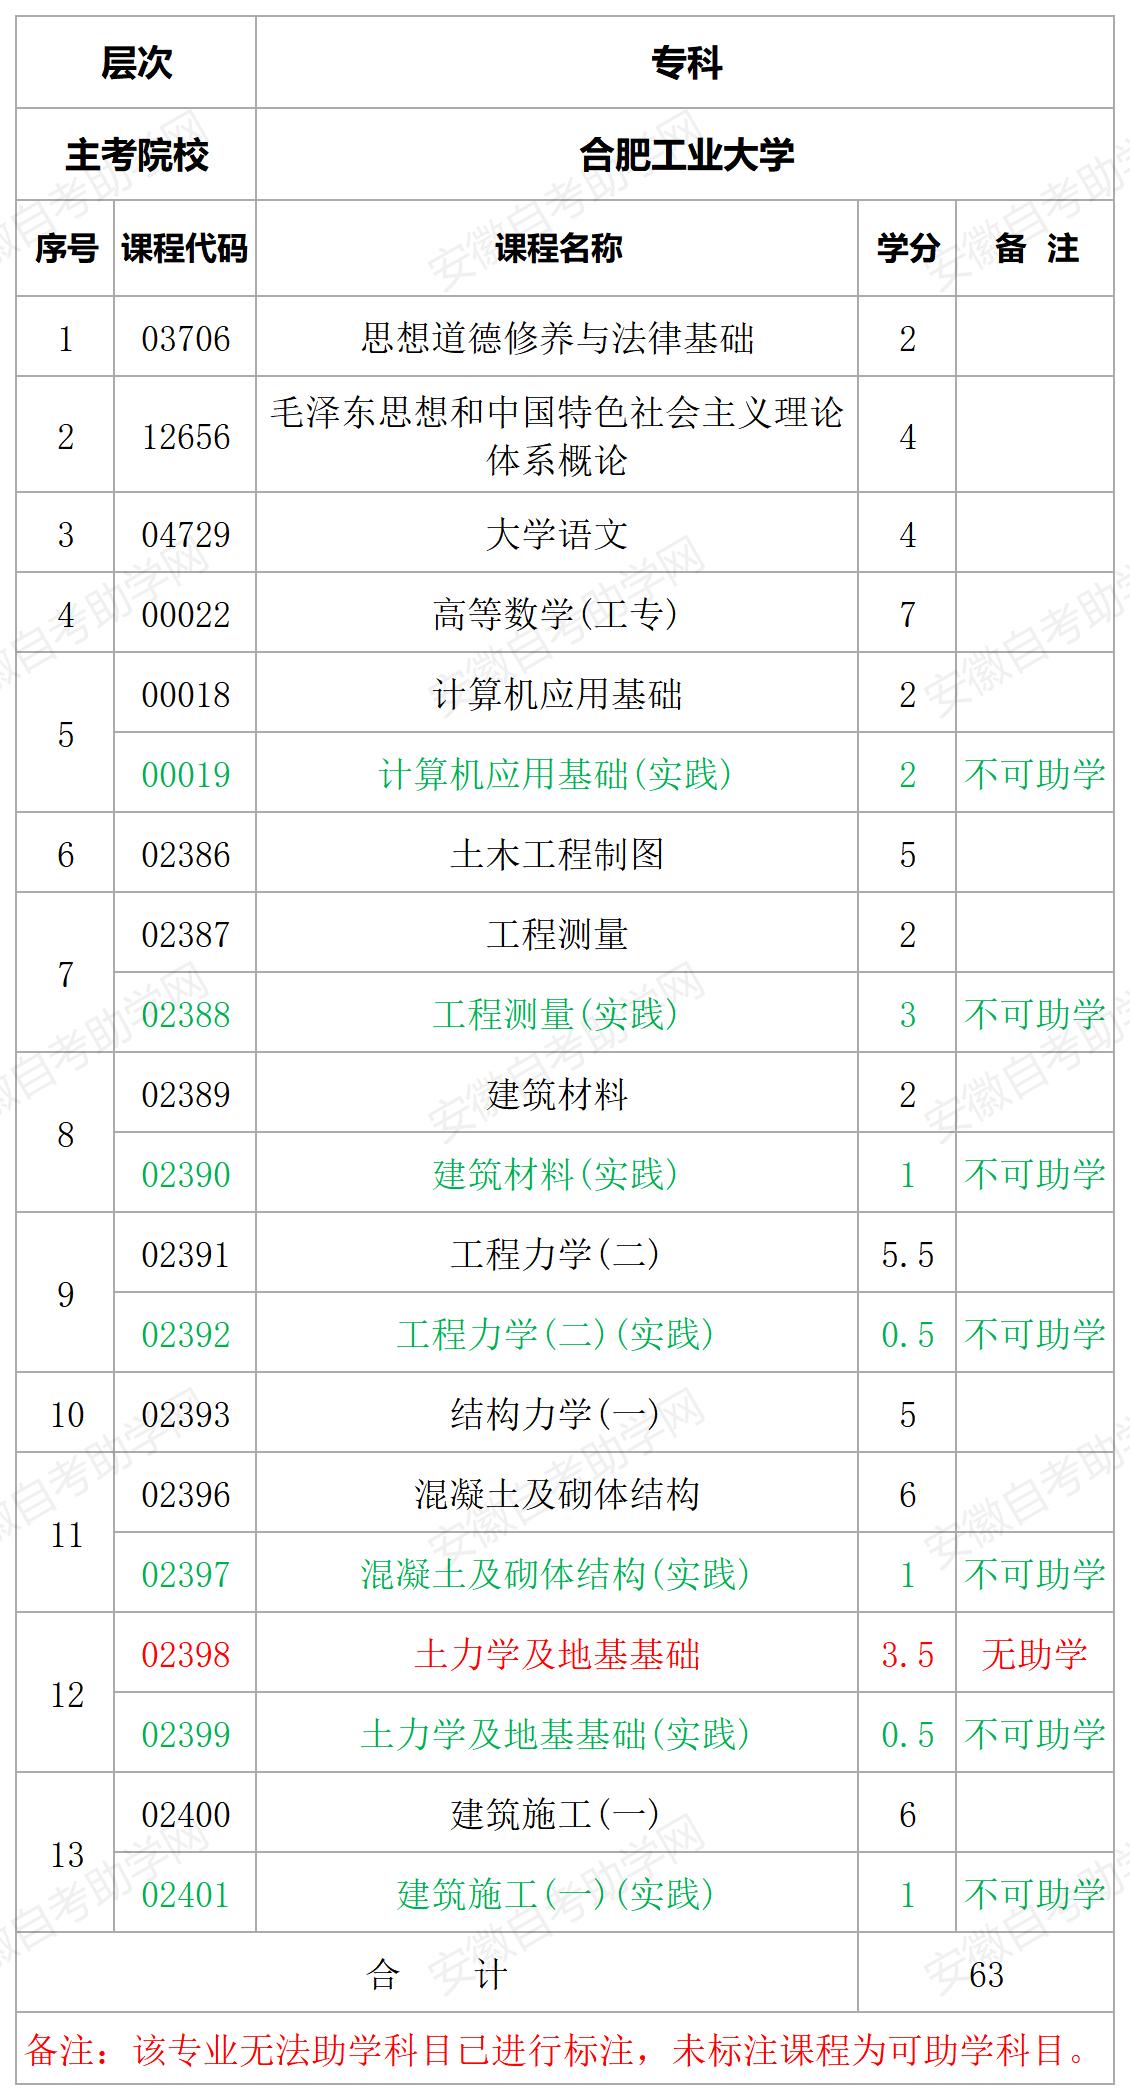 合肥工业大学建筑工程技术专科专业计划表